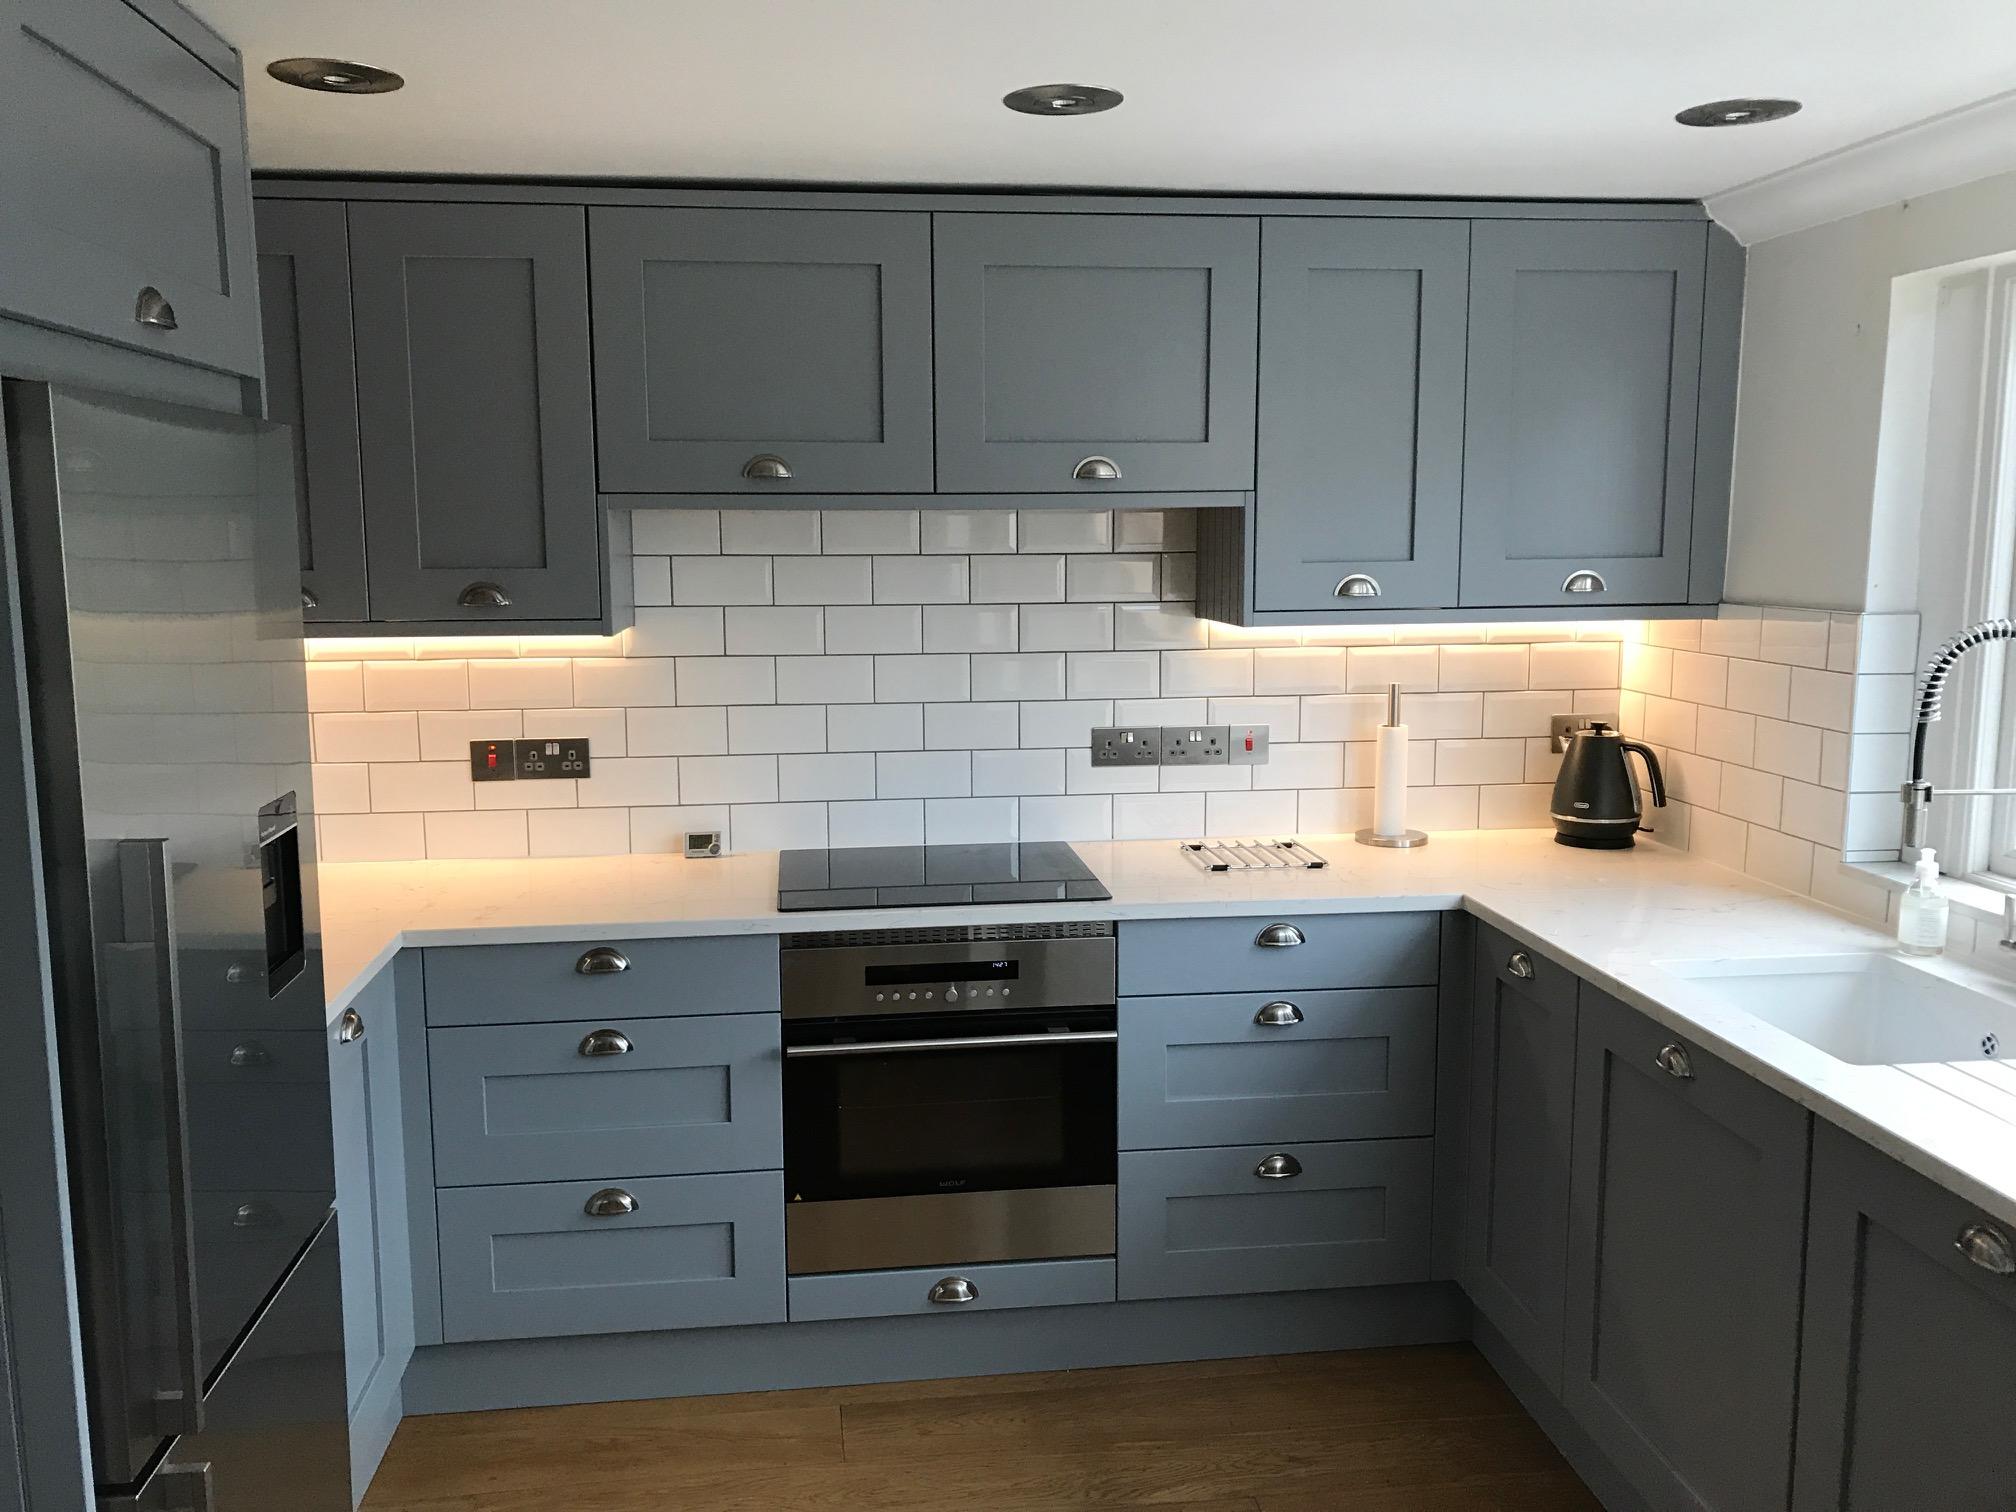 Luna grey shaker kitchen hallmark kitchen designs - Shaker kitchen designs photo gallery ...